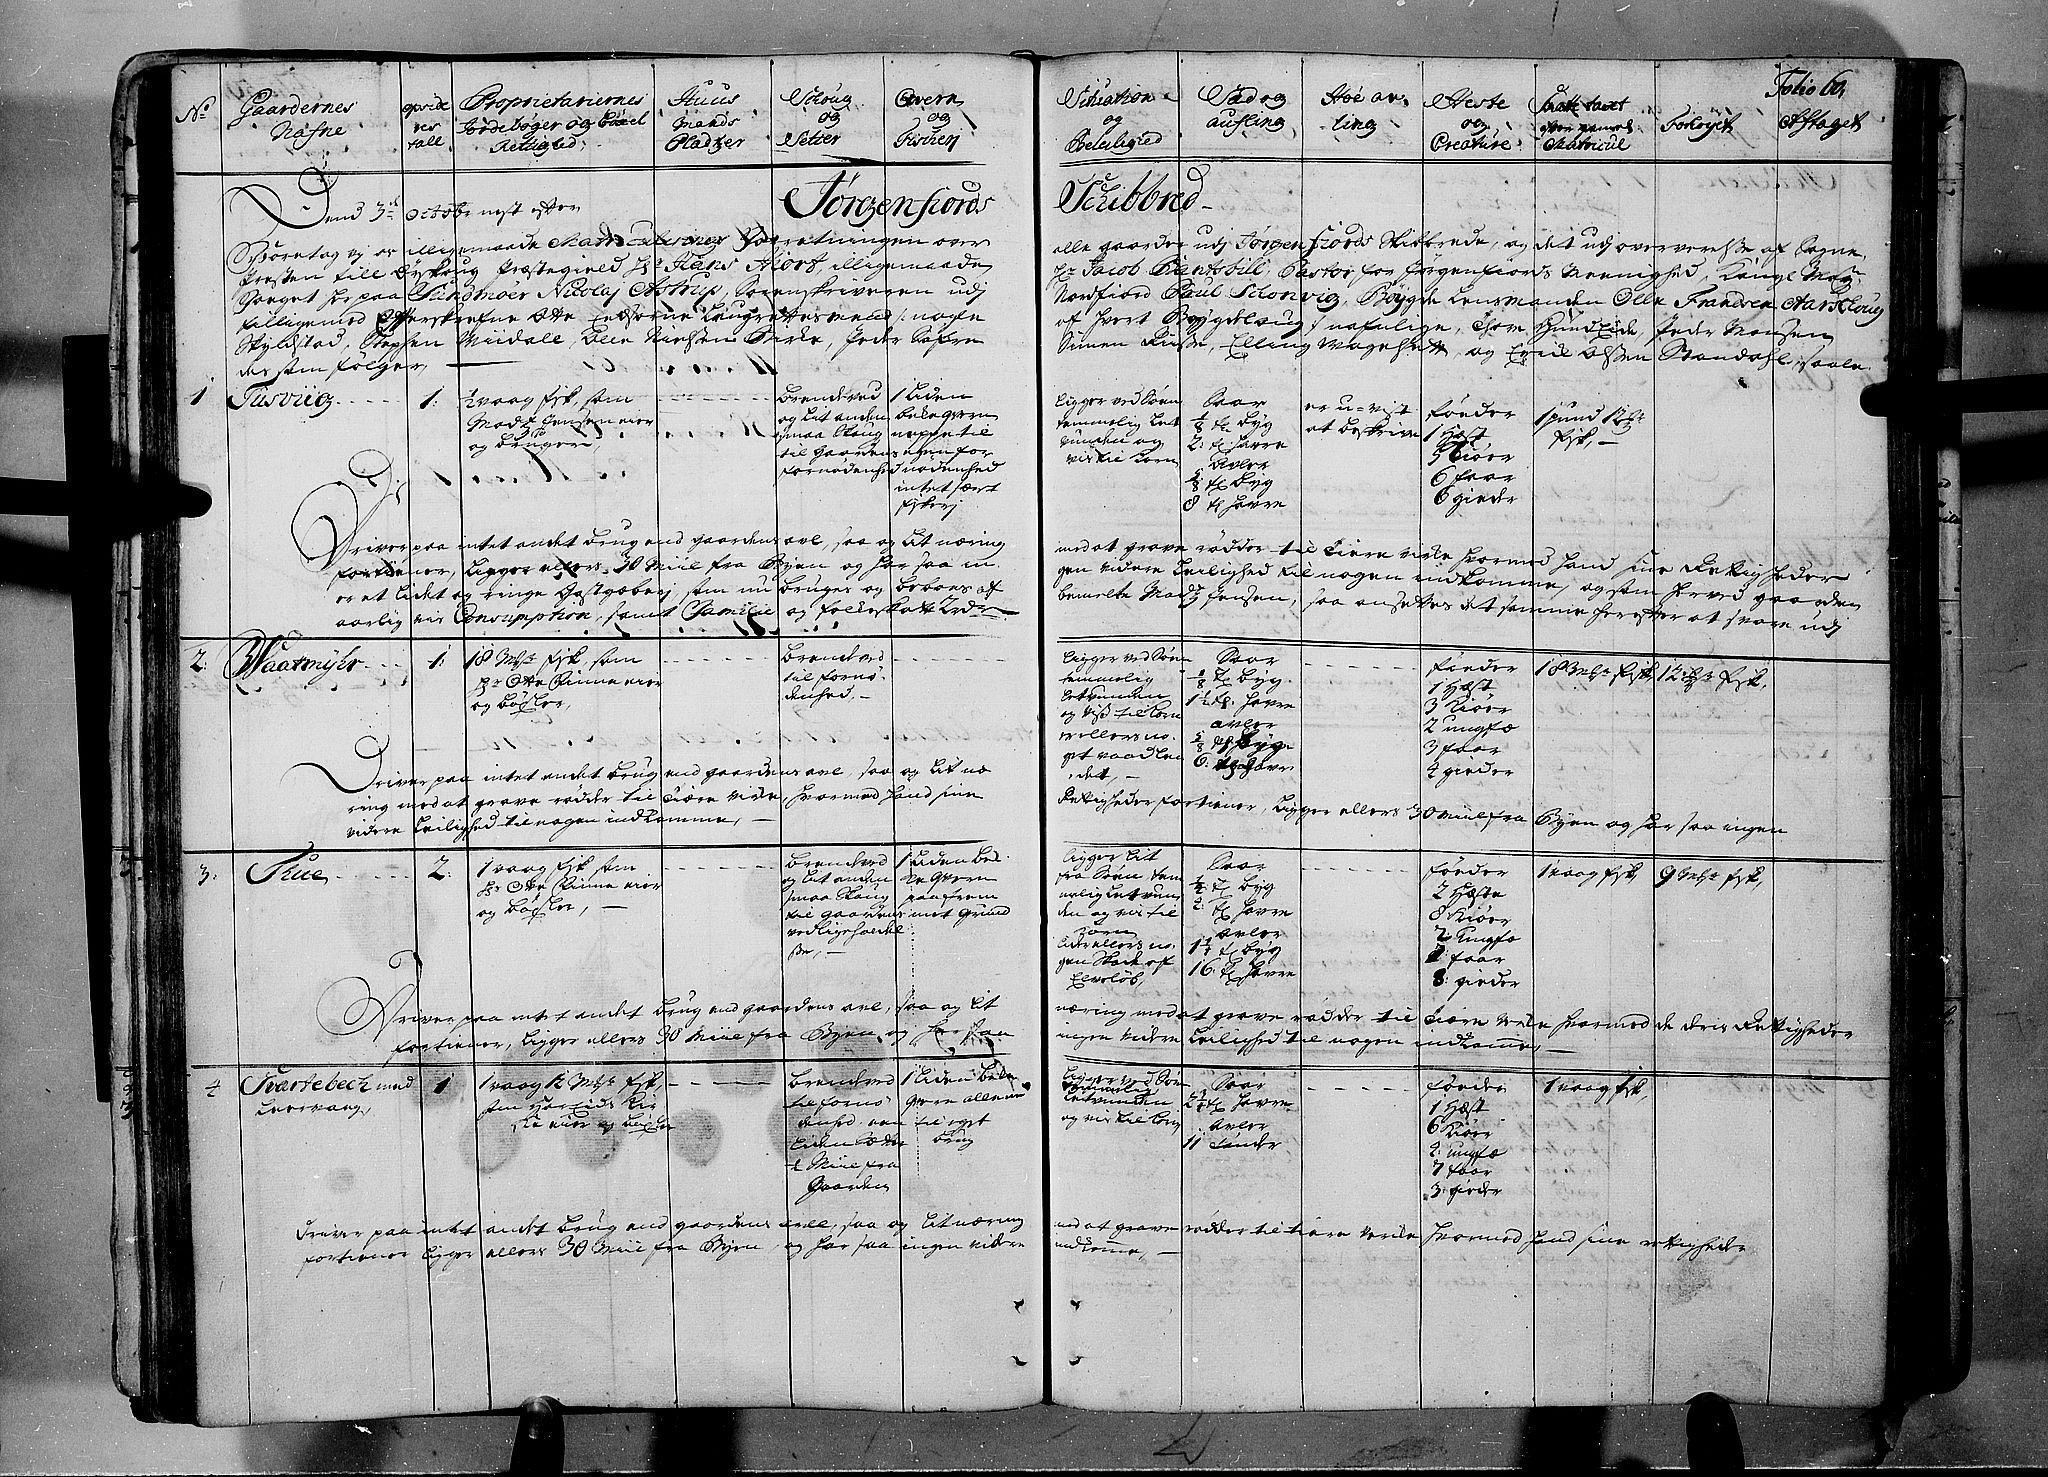 RA, Rentekammeret inntil 1814, Realistisk ordnet avdeling, N/Nb/Nbf/L0150: Sunnmøre eksaminasjonsprotokoll, 1724, s. 59b-60a